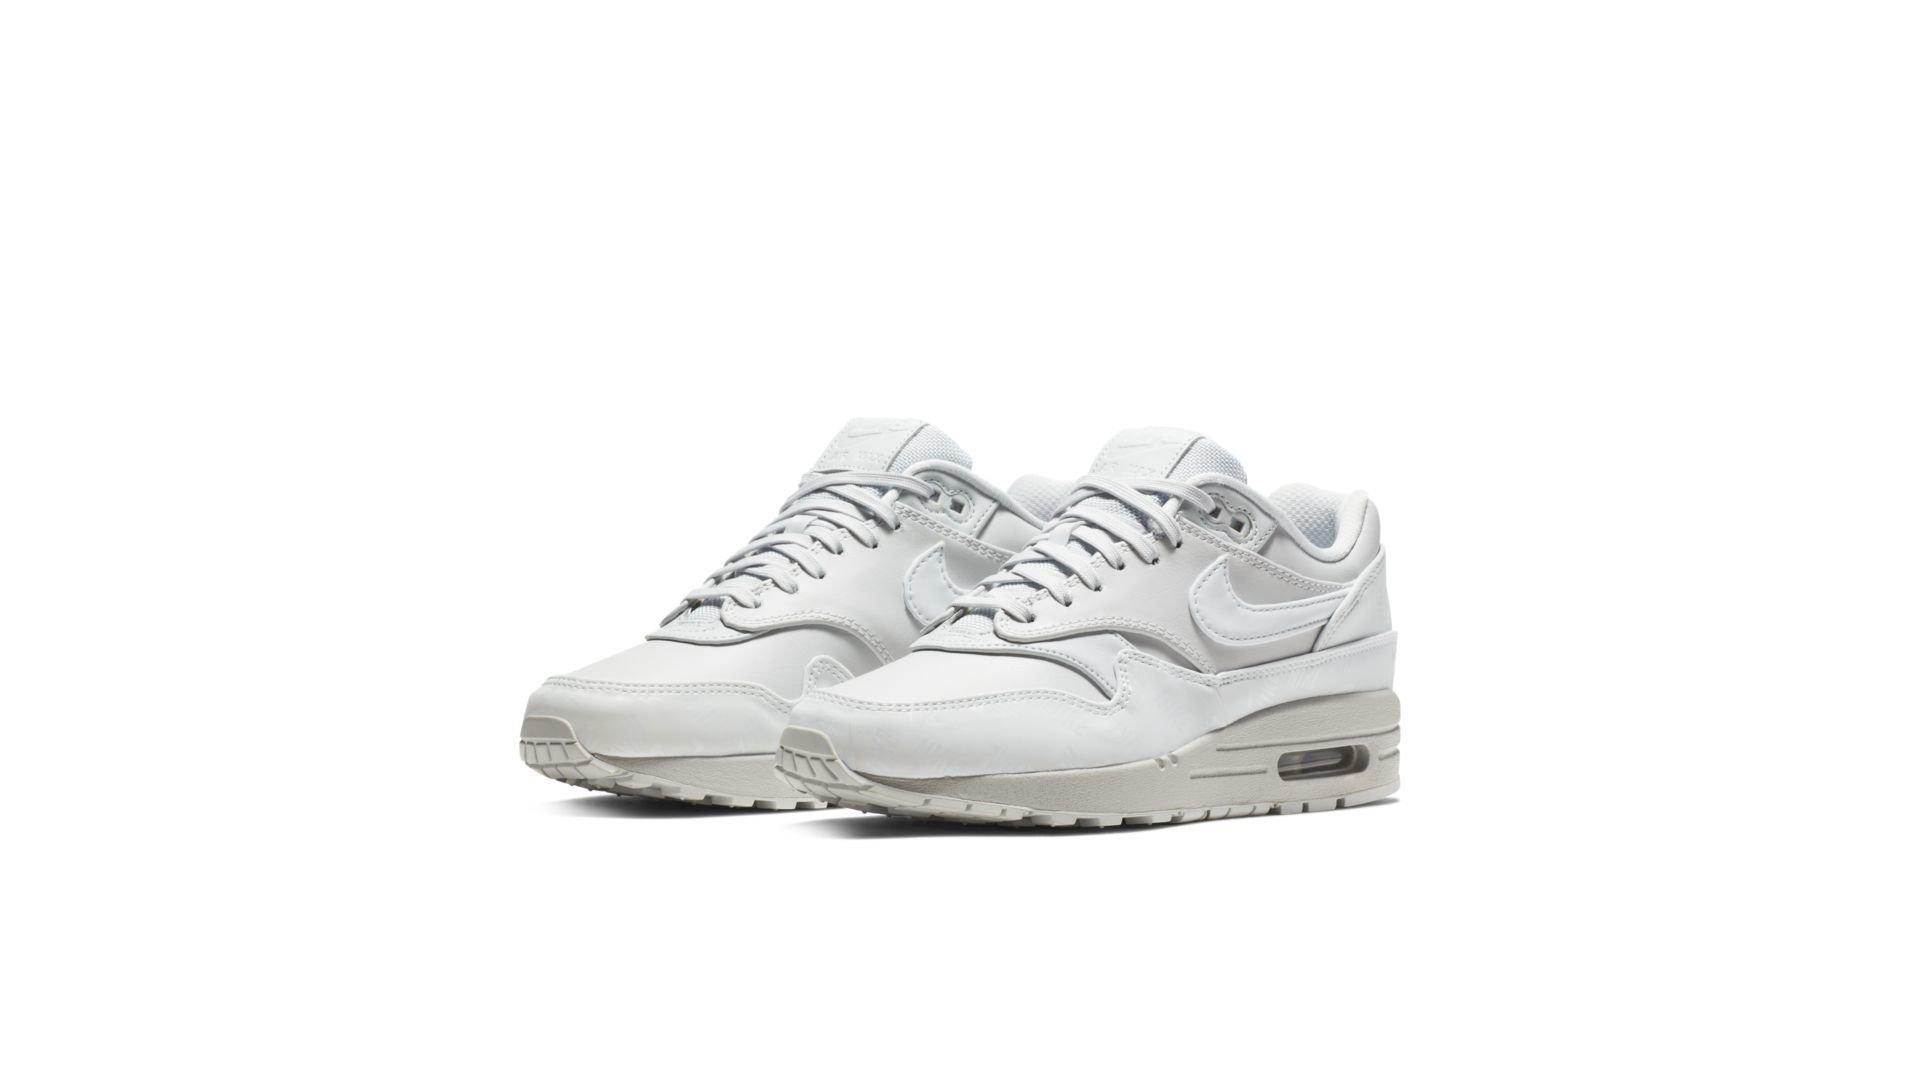 Nike WMNS Air Max 1 LX 'White' (917691 002)